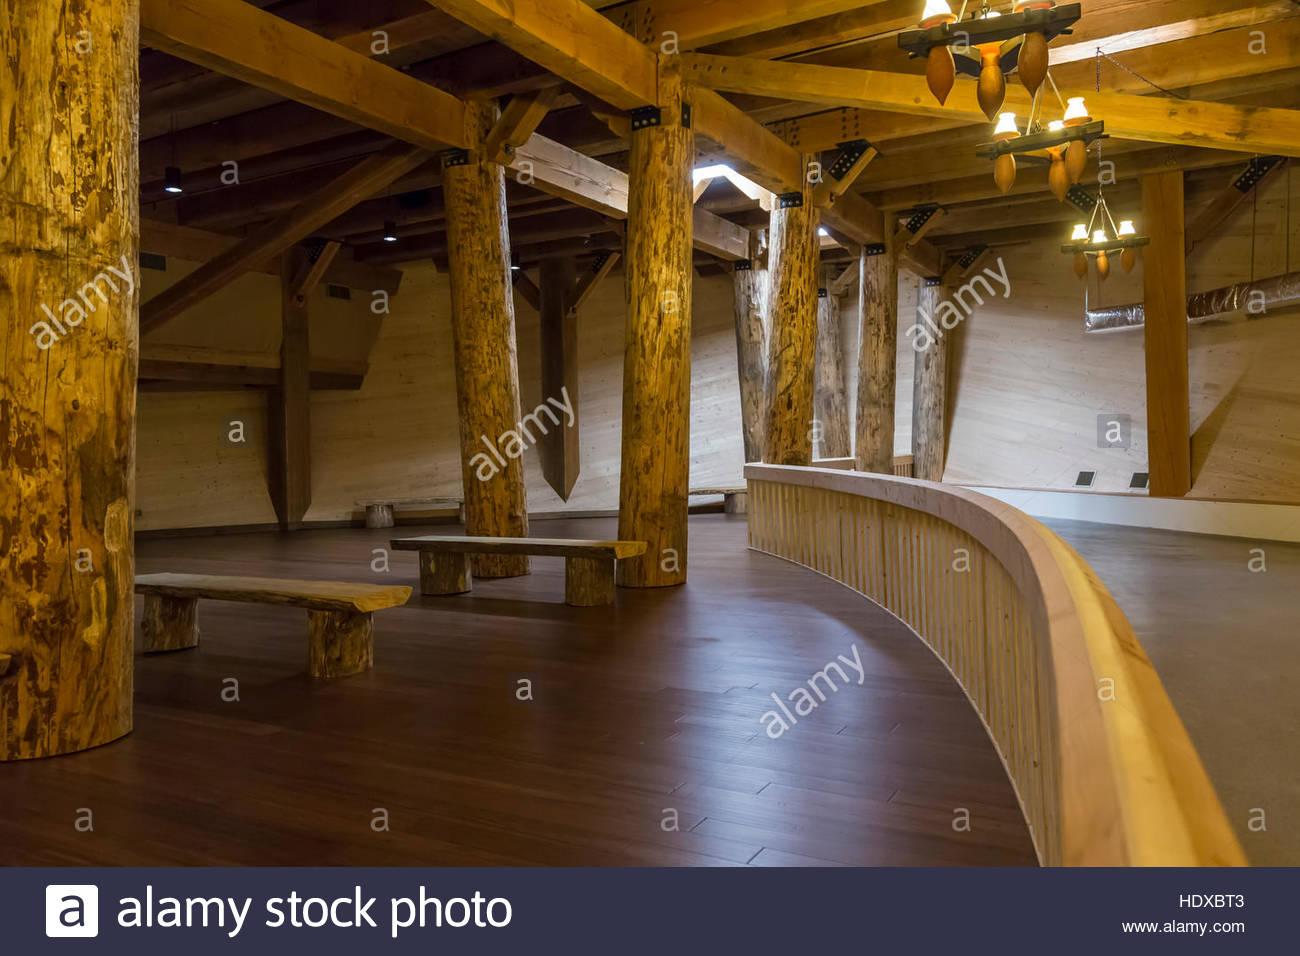 Innenarchitektur Usa innenarchitektur der arche noah in der arche begegnung in